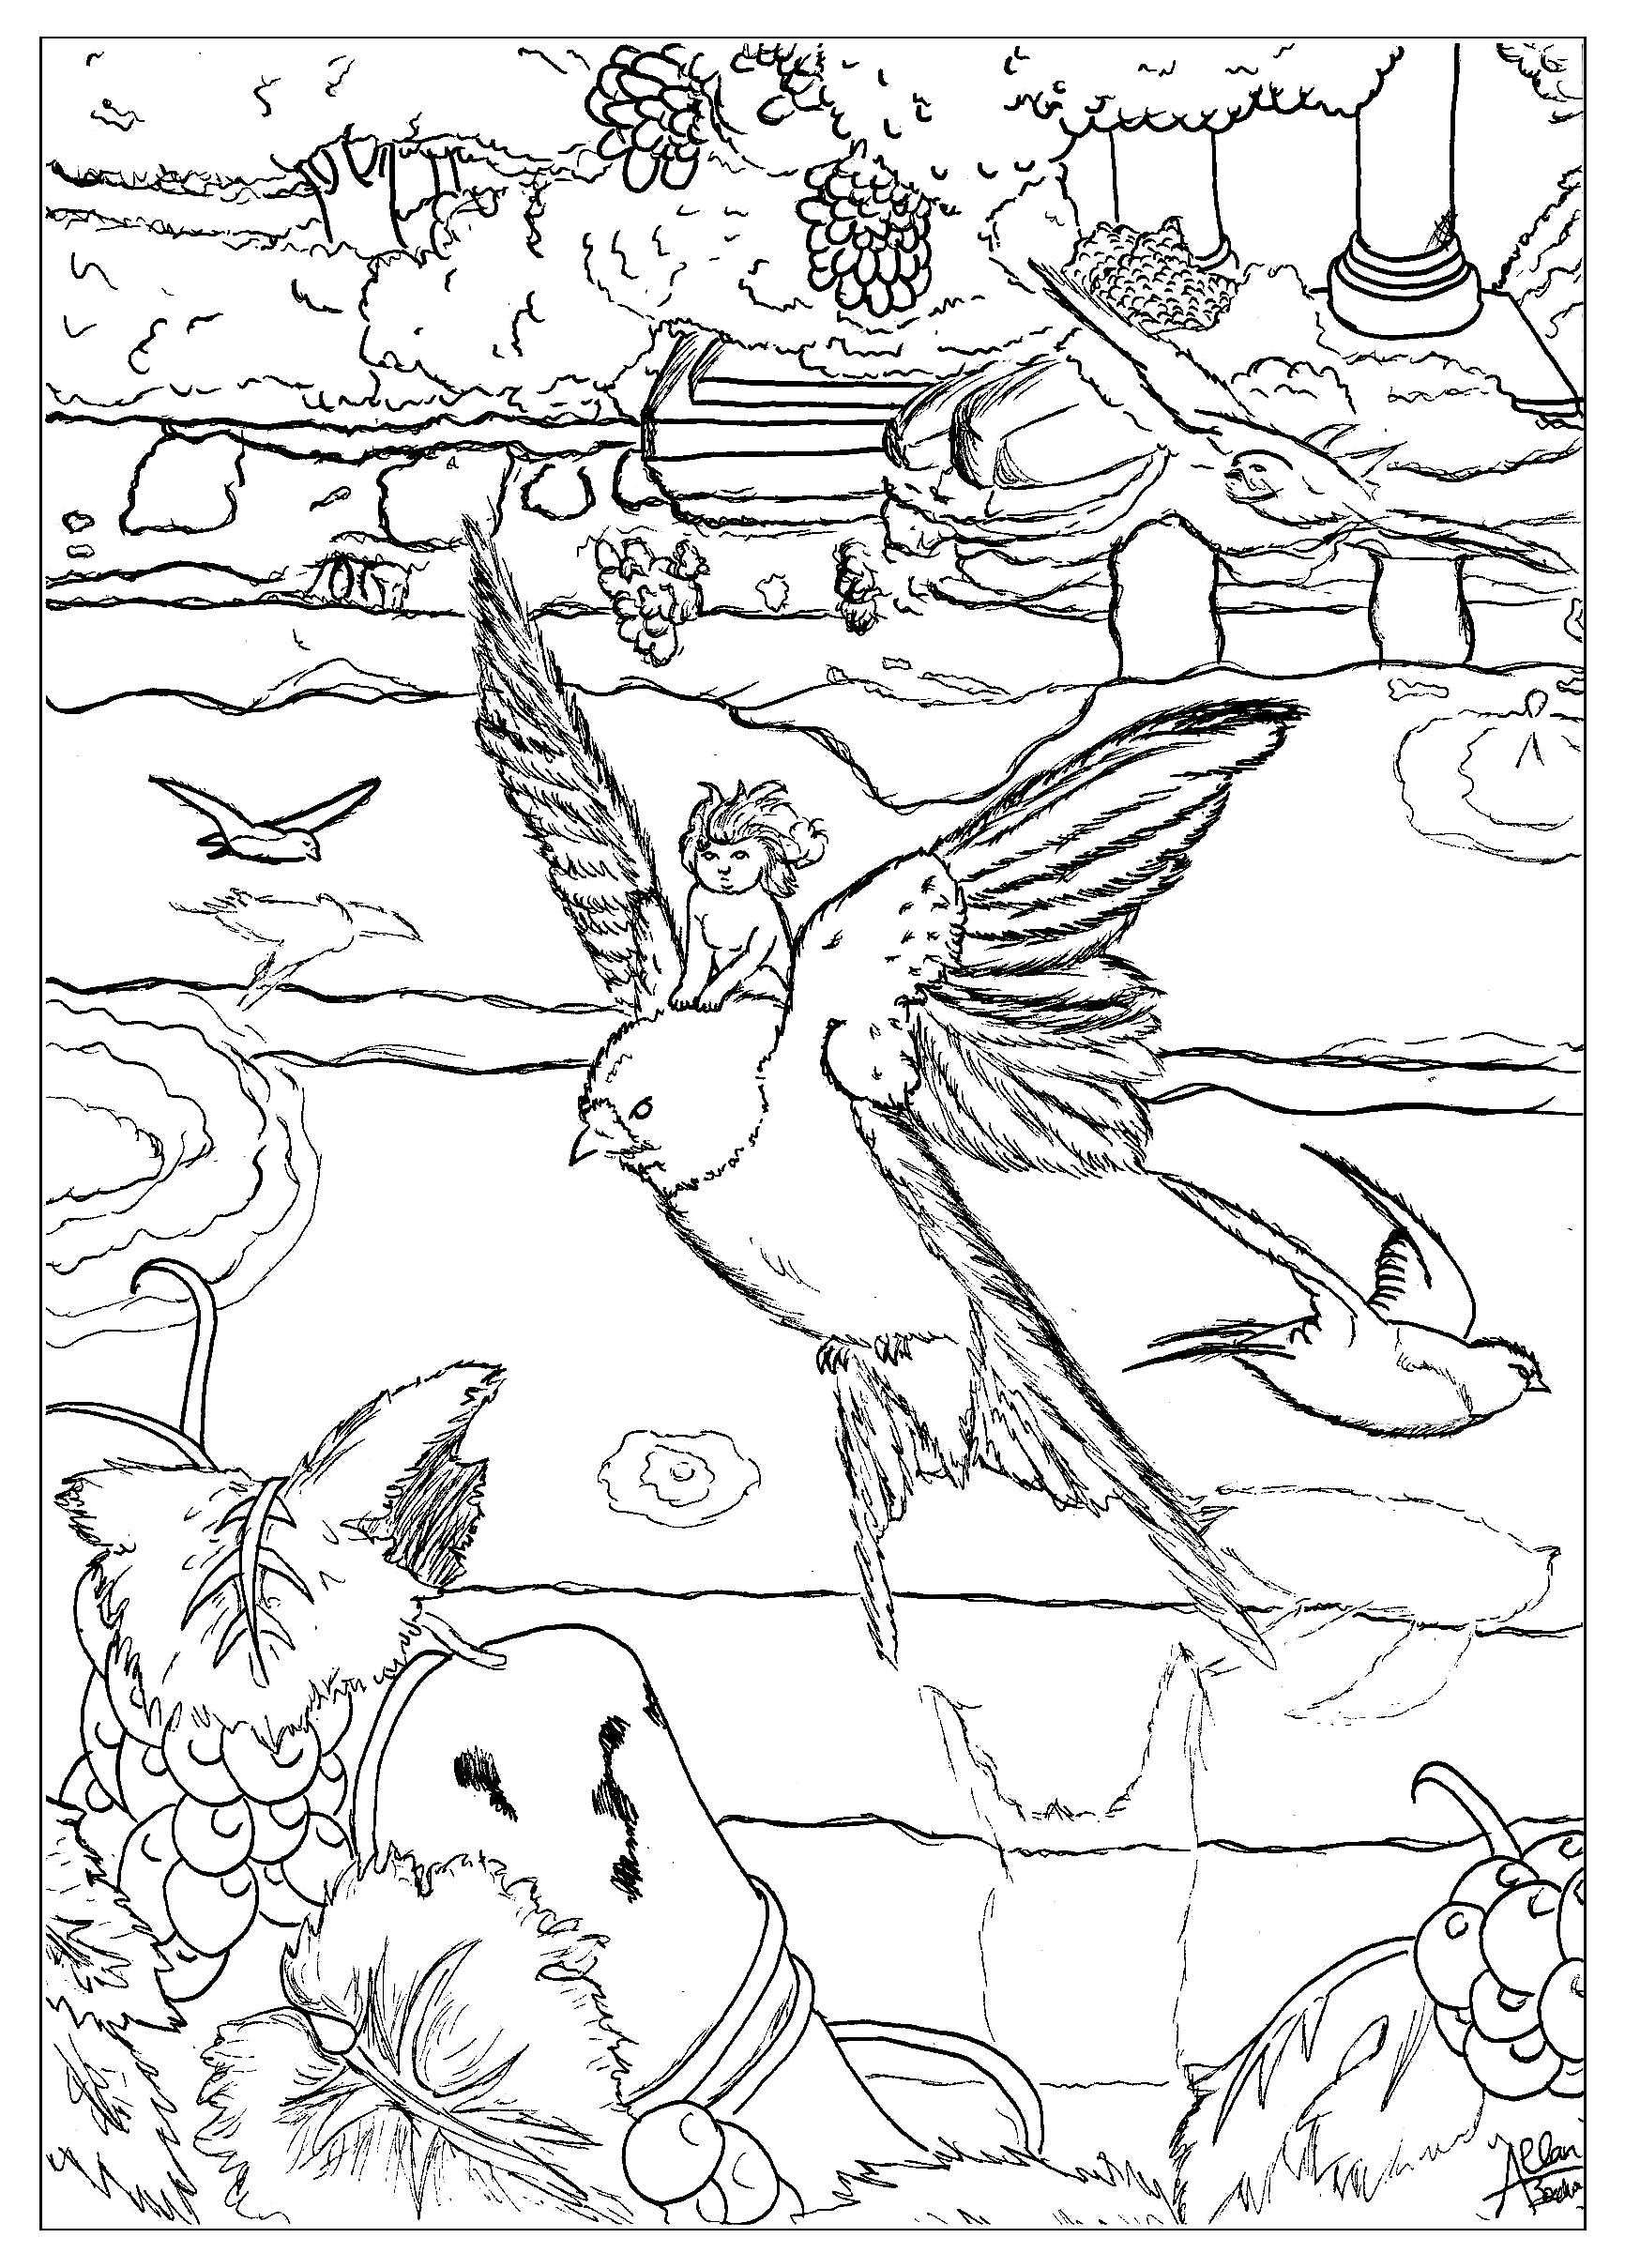 Colorear para adultos : Fairy tales - 5